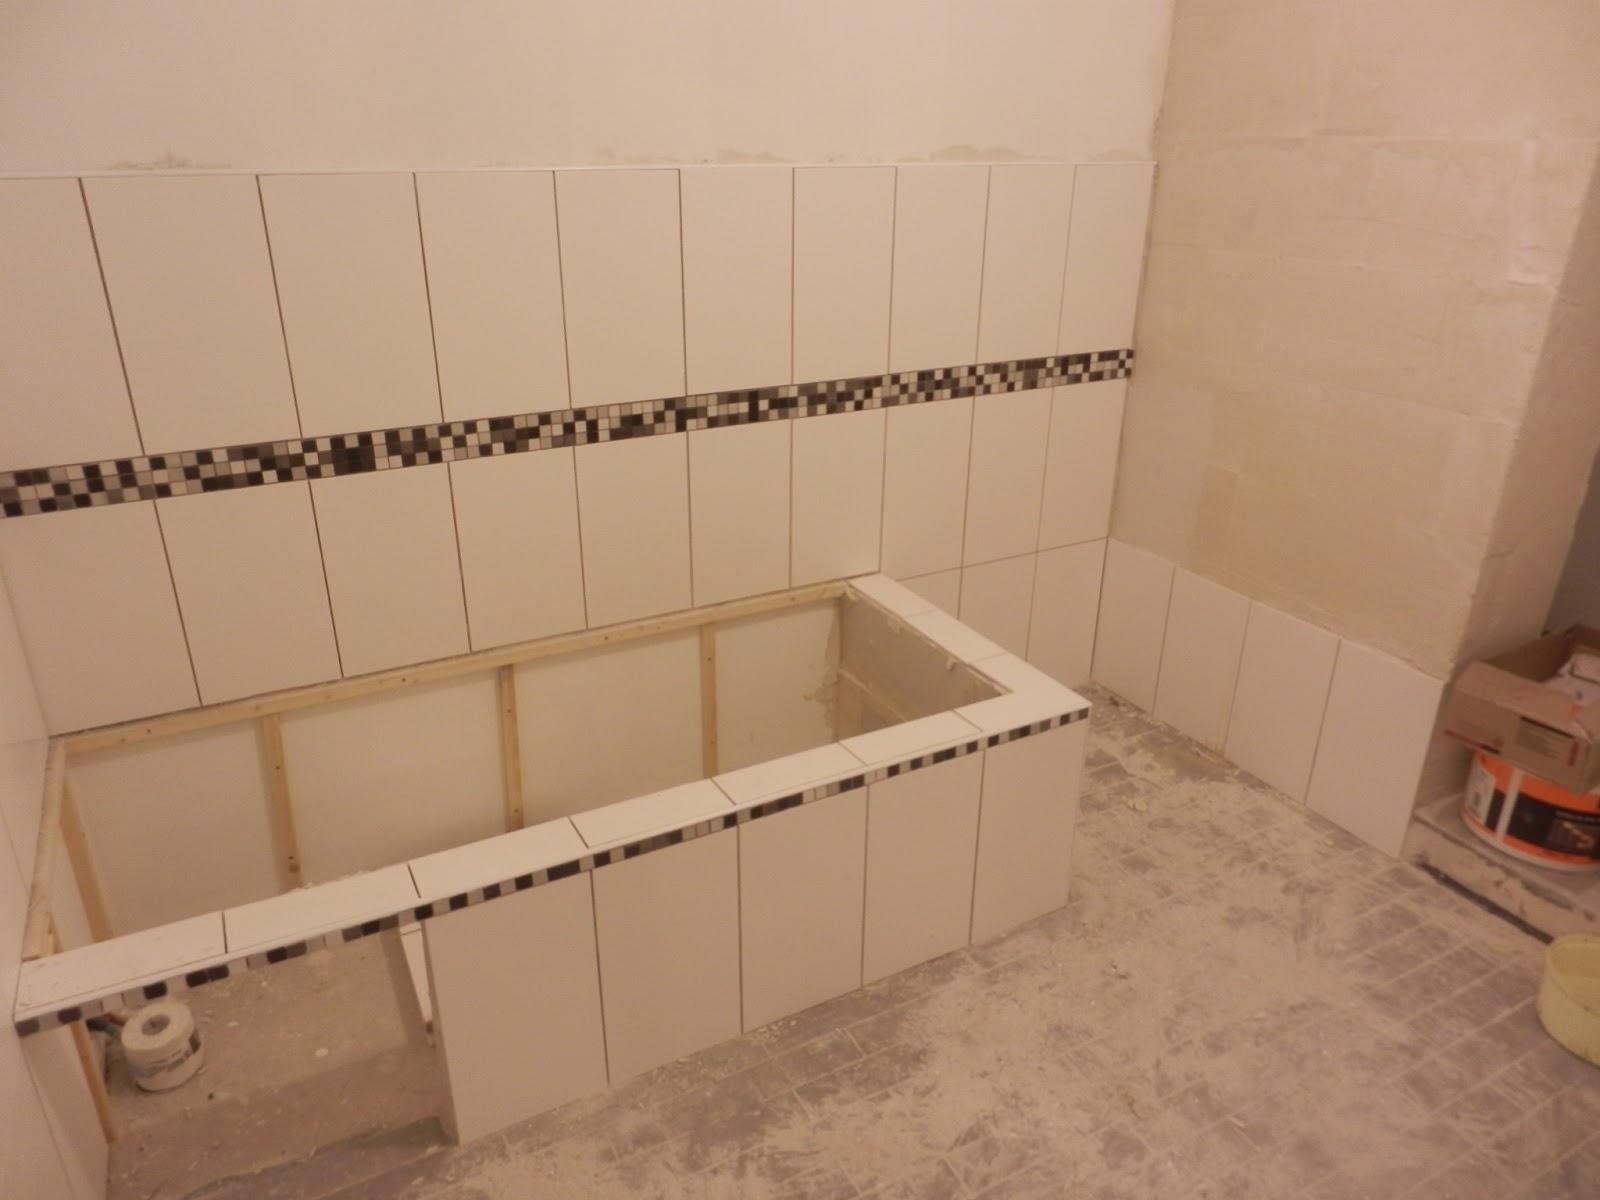 Notre projet maison janvier 2013 - Peinture hydrofuge douche ...